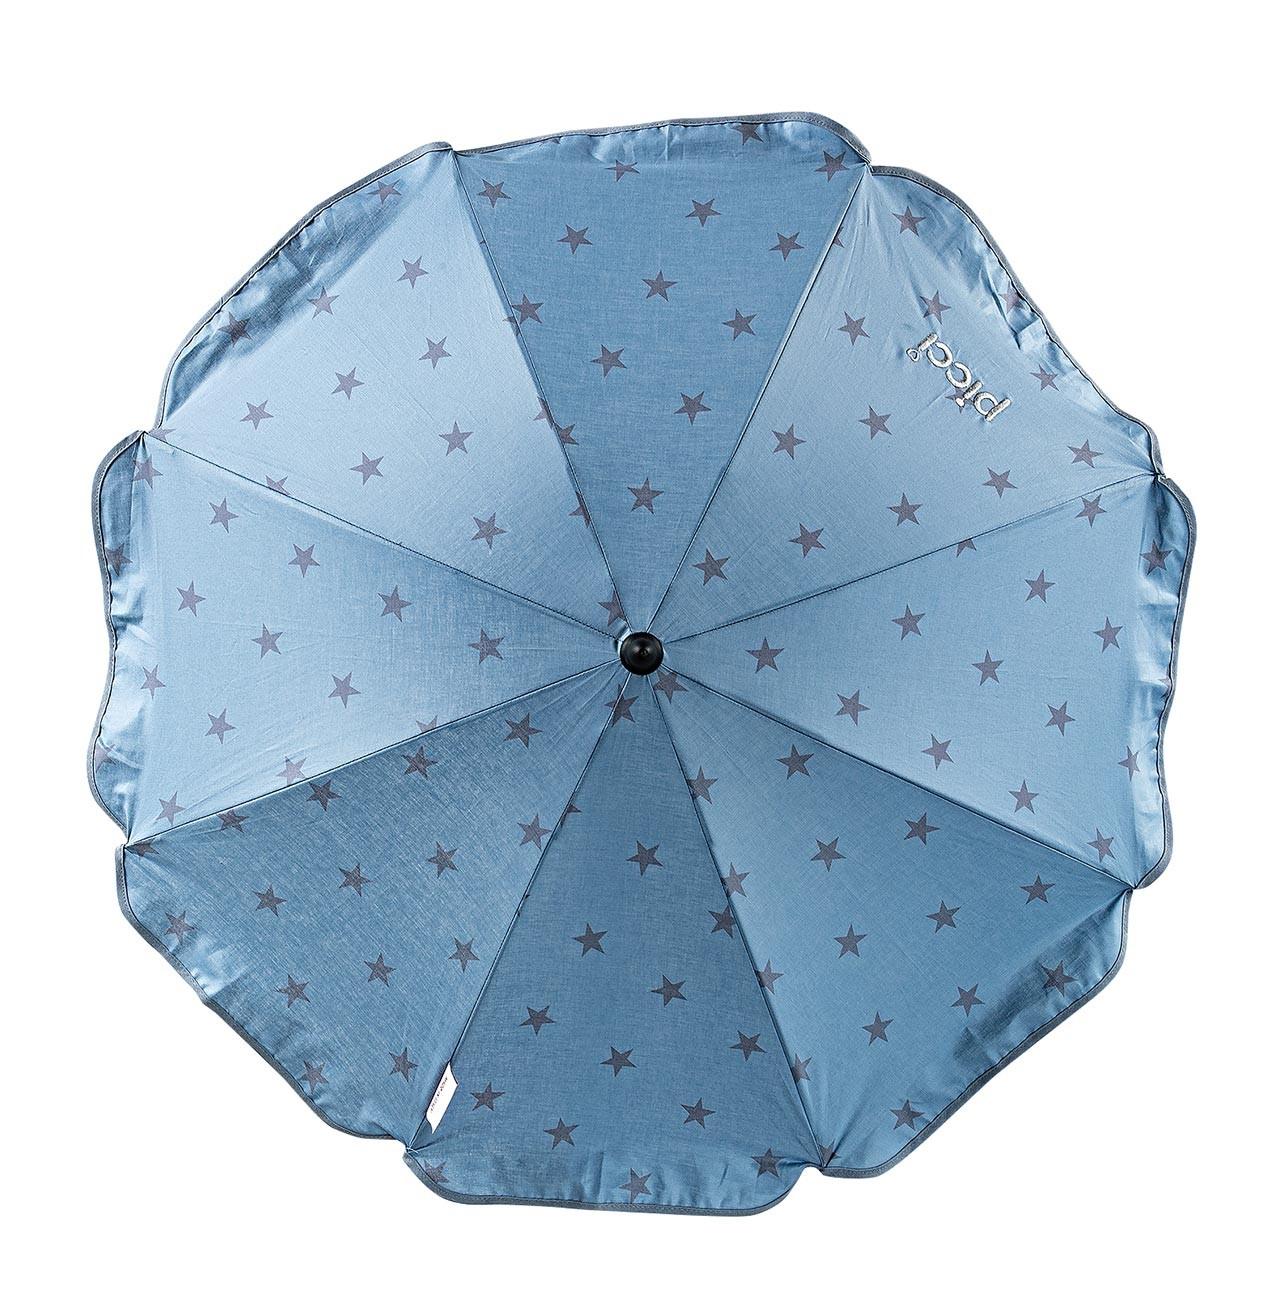 Sombrilla con estrellas para silla de paseo Azul